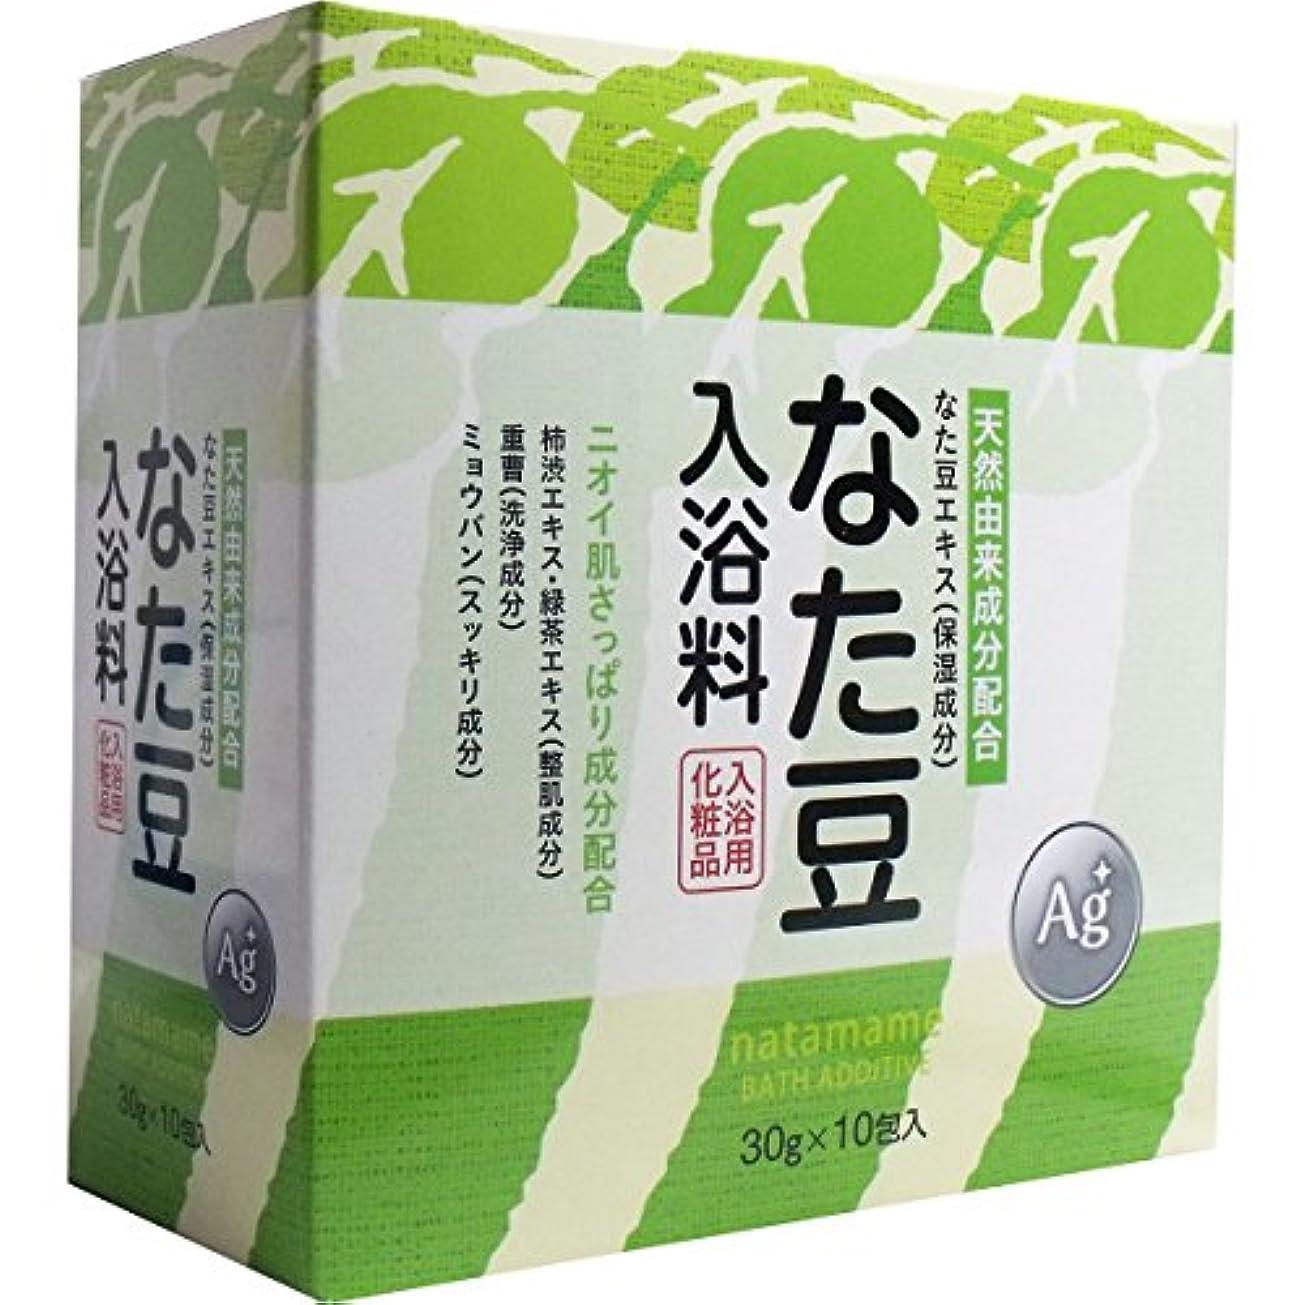 動く入手します気体の天然由来成分配合 なた豆入浴料 入浴用化粧品 30g×10包入